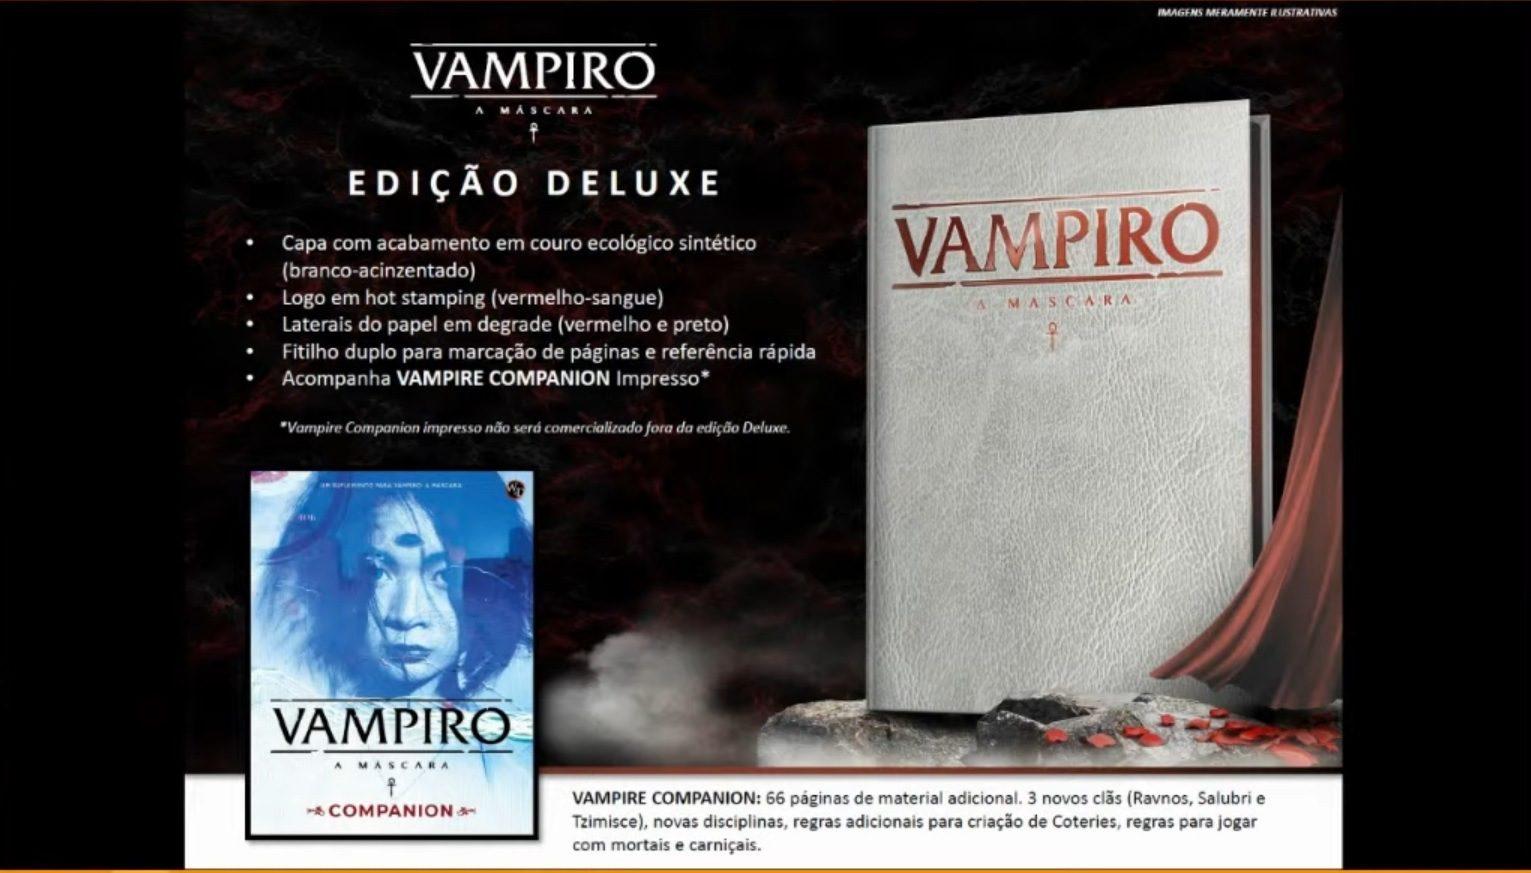 Vampiro: A Mascara Edição Deluxe